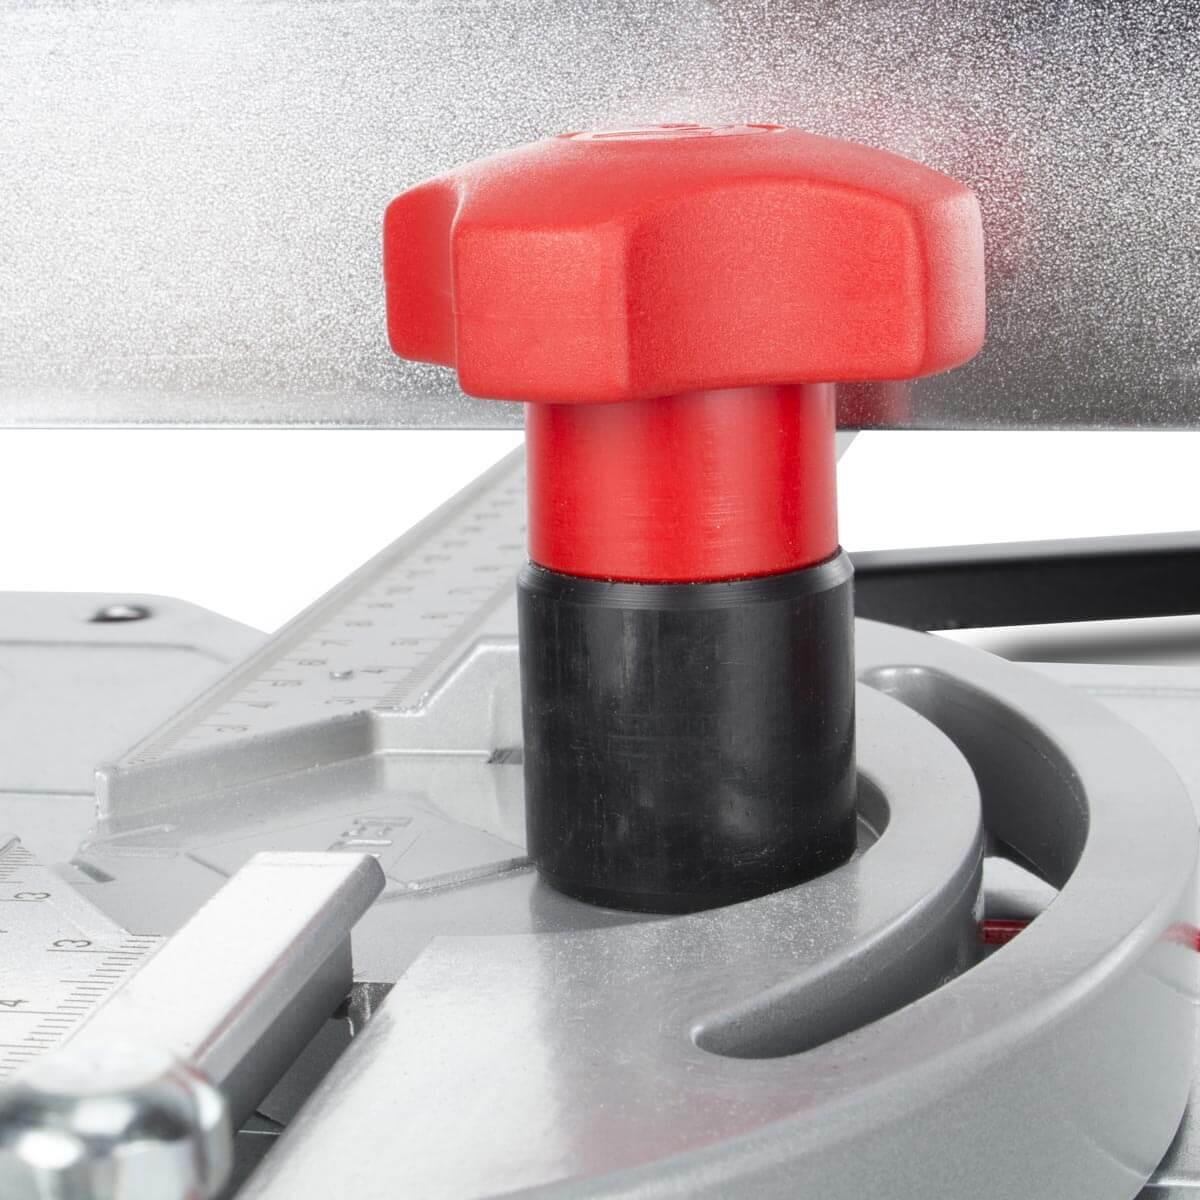 Rubi TP-T Pull adjust knob